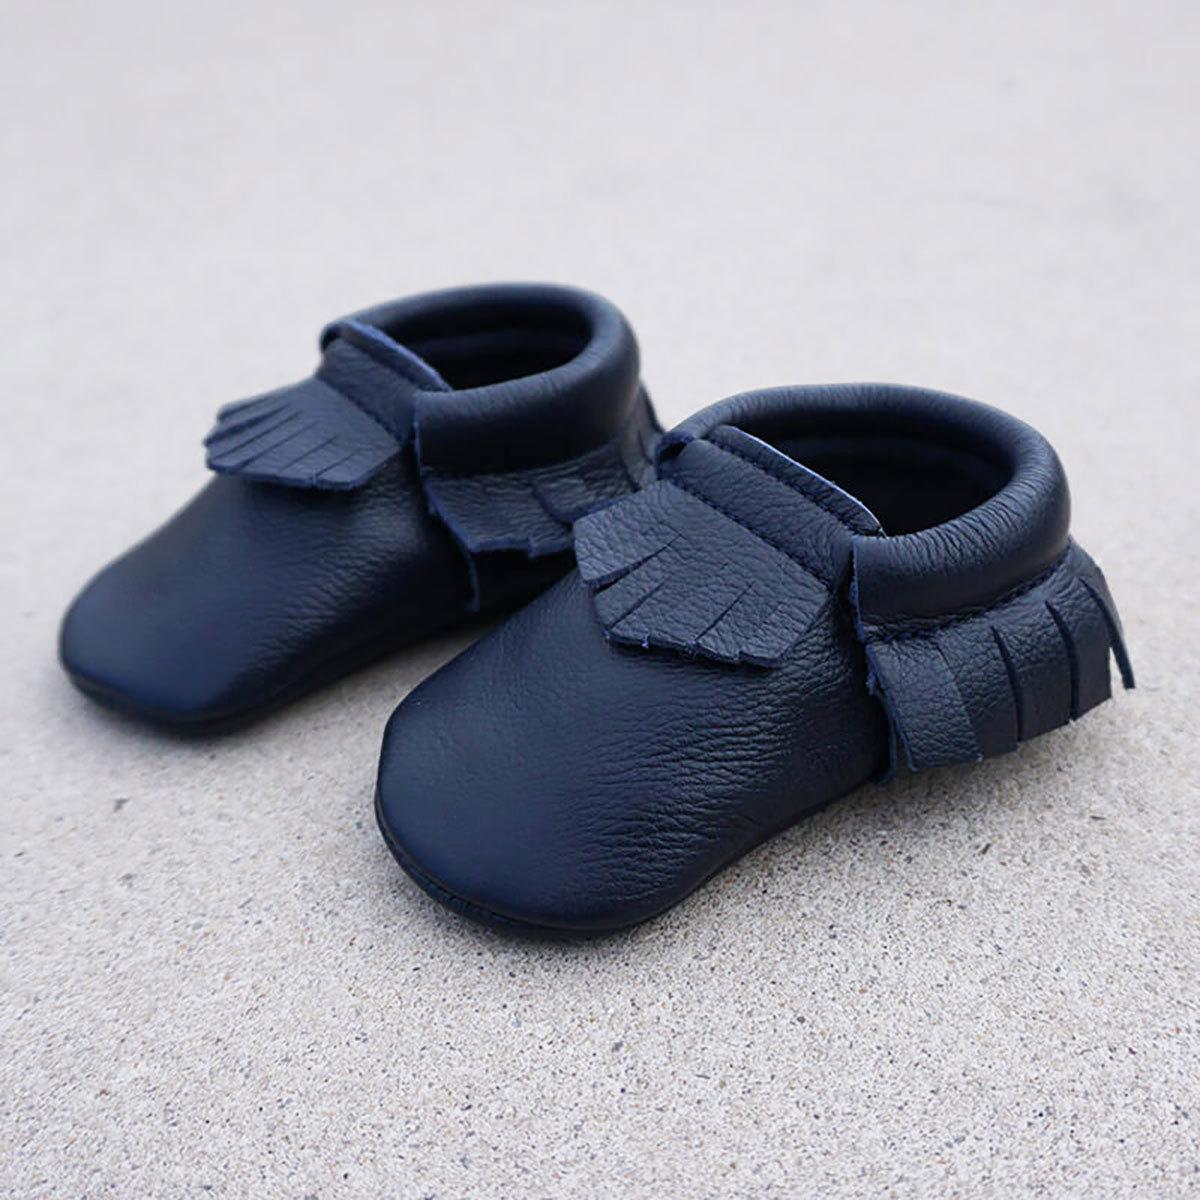 Chaussons & Chaussures Mocassins Bleu Nuit - 18/19 Mocassins Bleu Nuit - 18/19